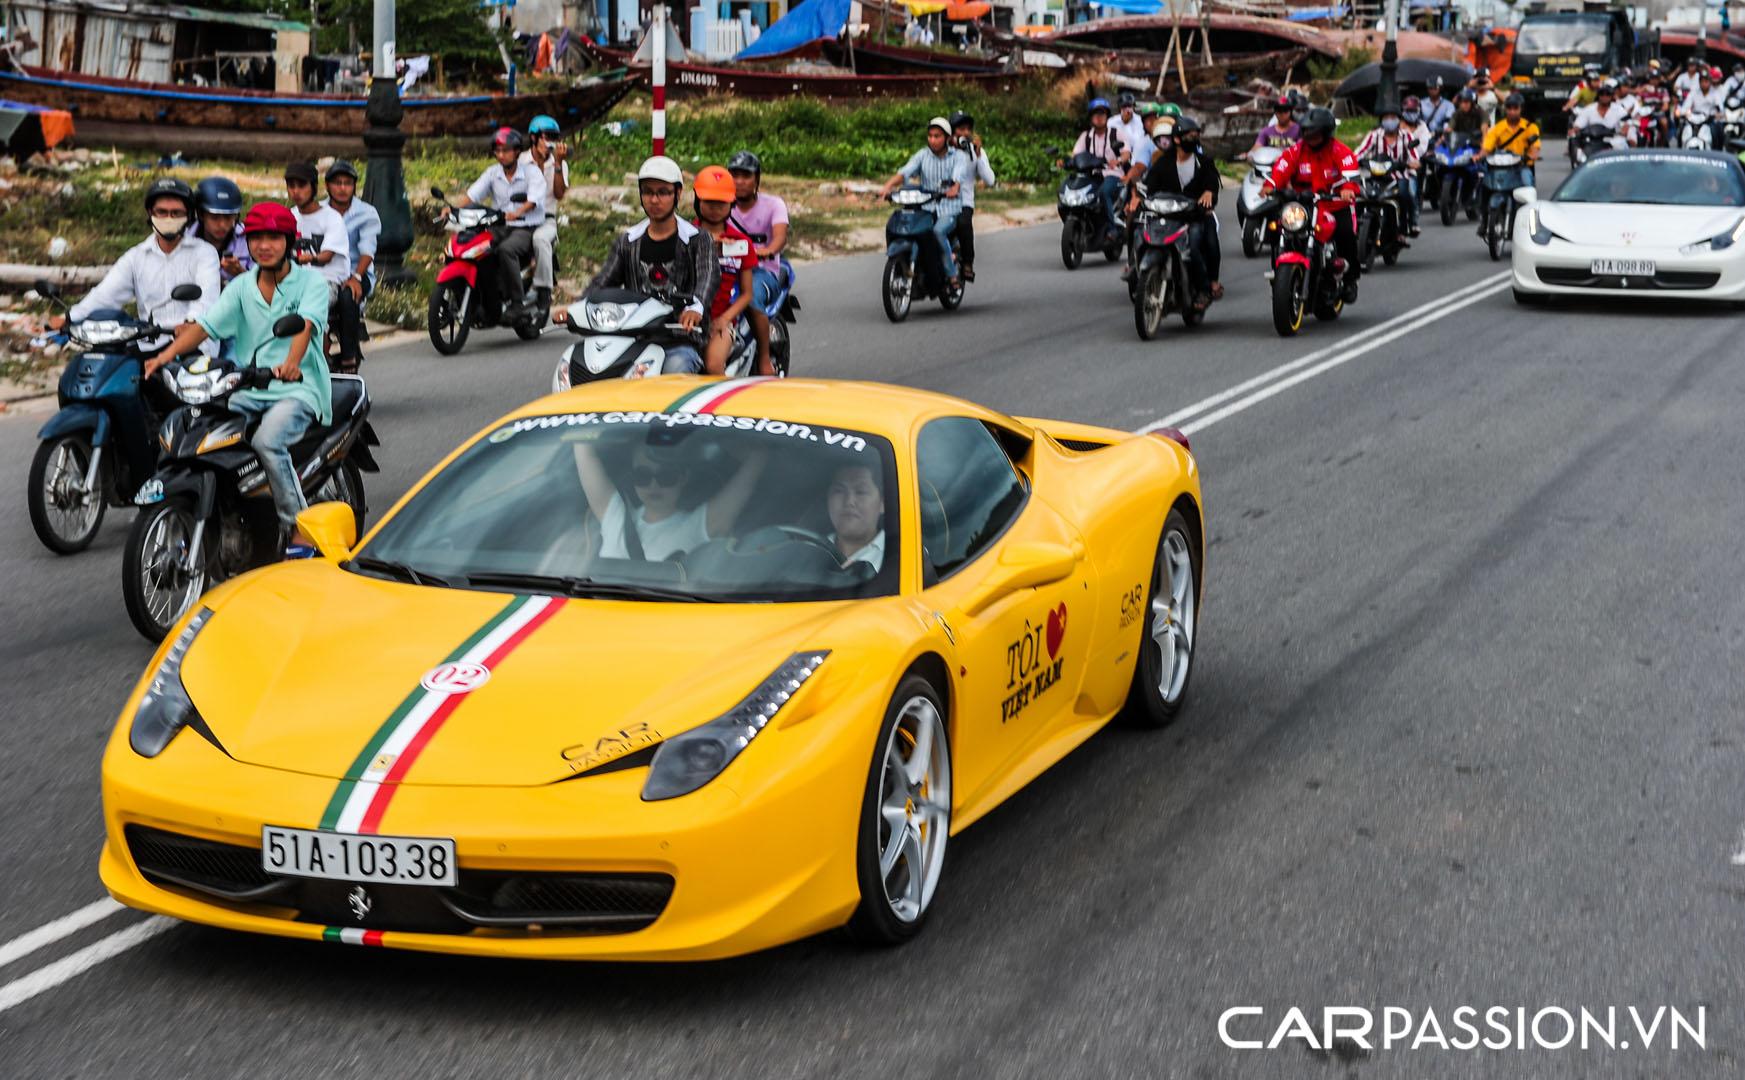 CP-Hành trình siêu xe CarPassion 2011 Day 5 (134).jpg